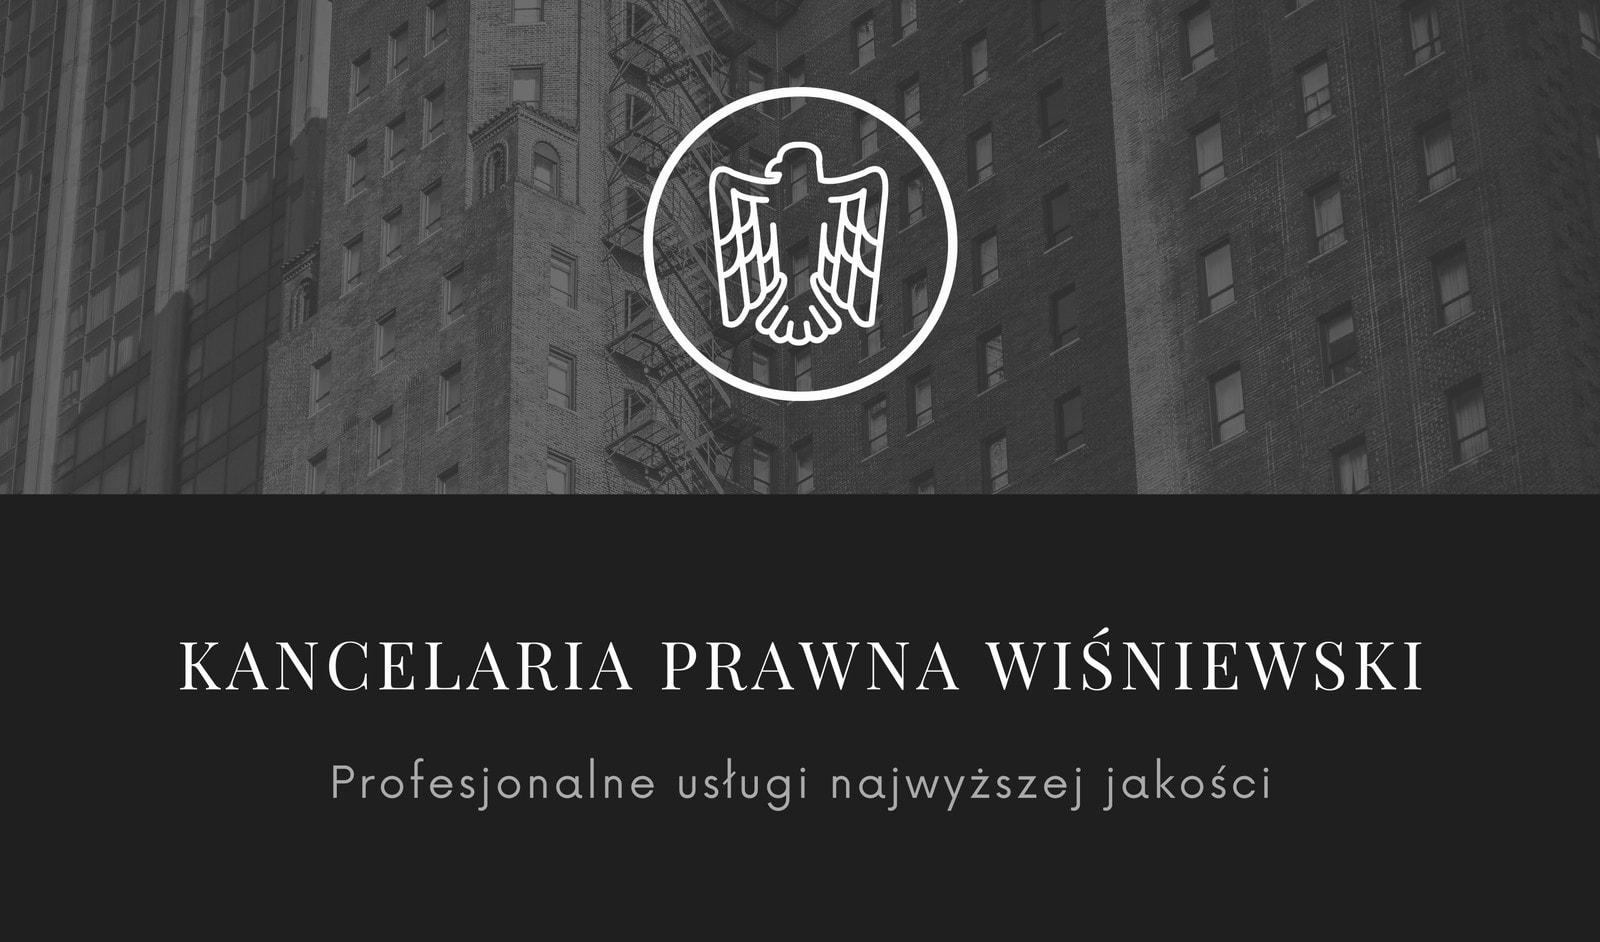 Czarna Biała Zdjęcie Radca Prawny Wizytówka